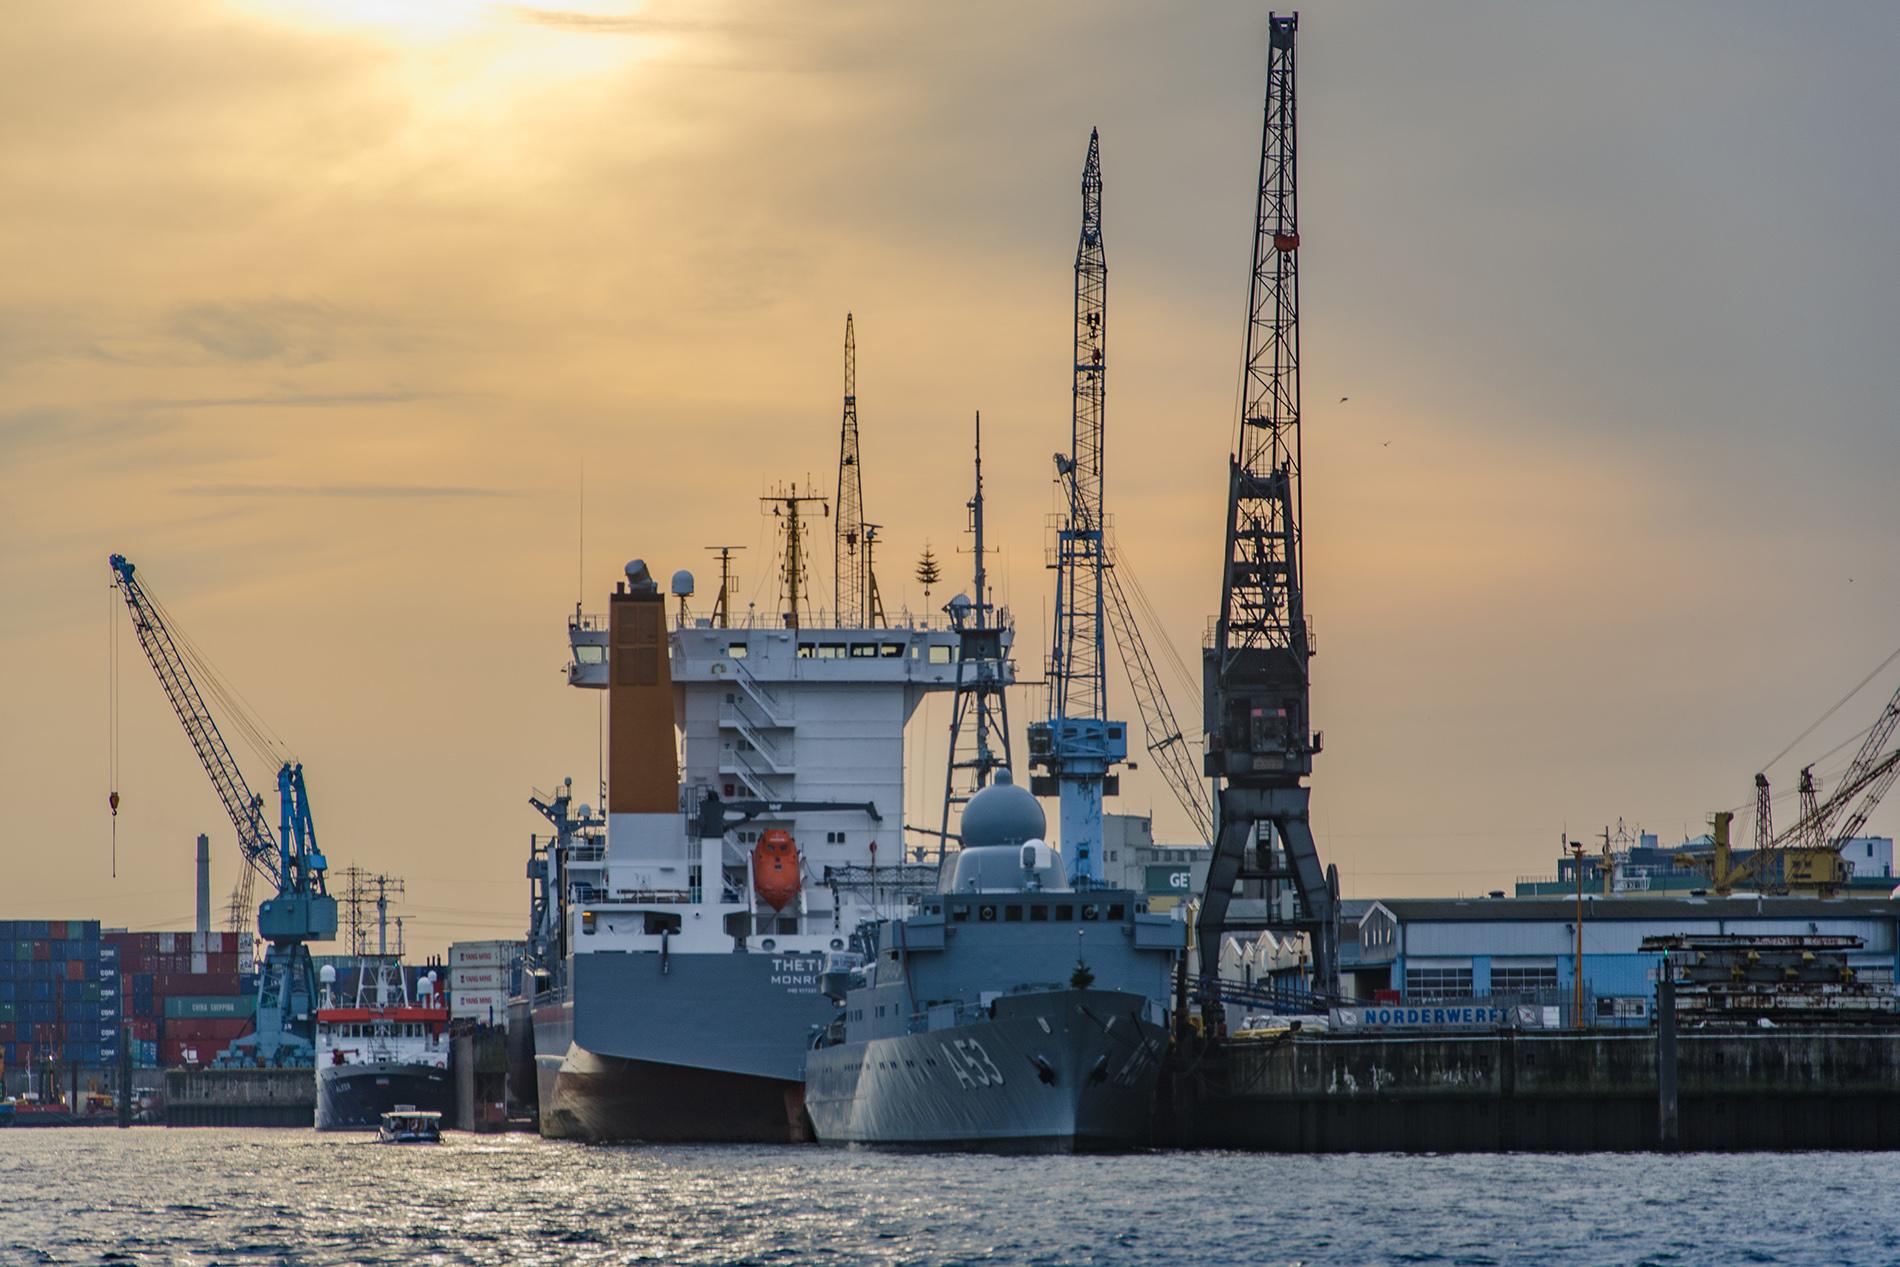 Cómo encontrar las mejores ofertas de viajes en barco de carga o viajes de carga